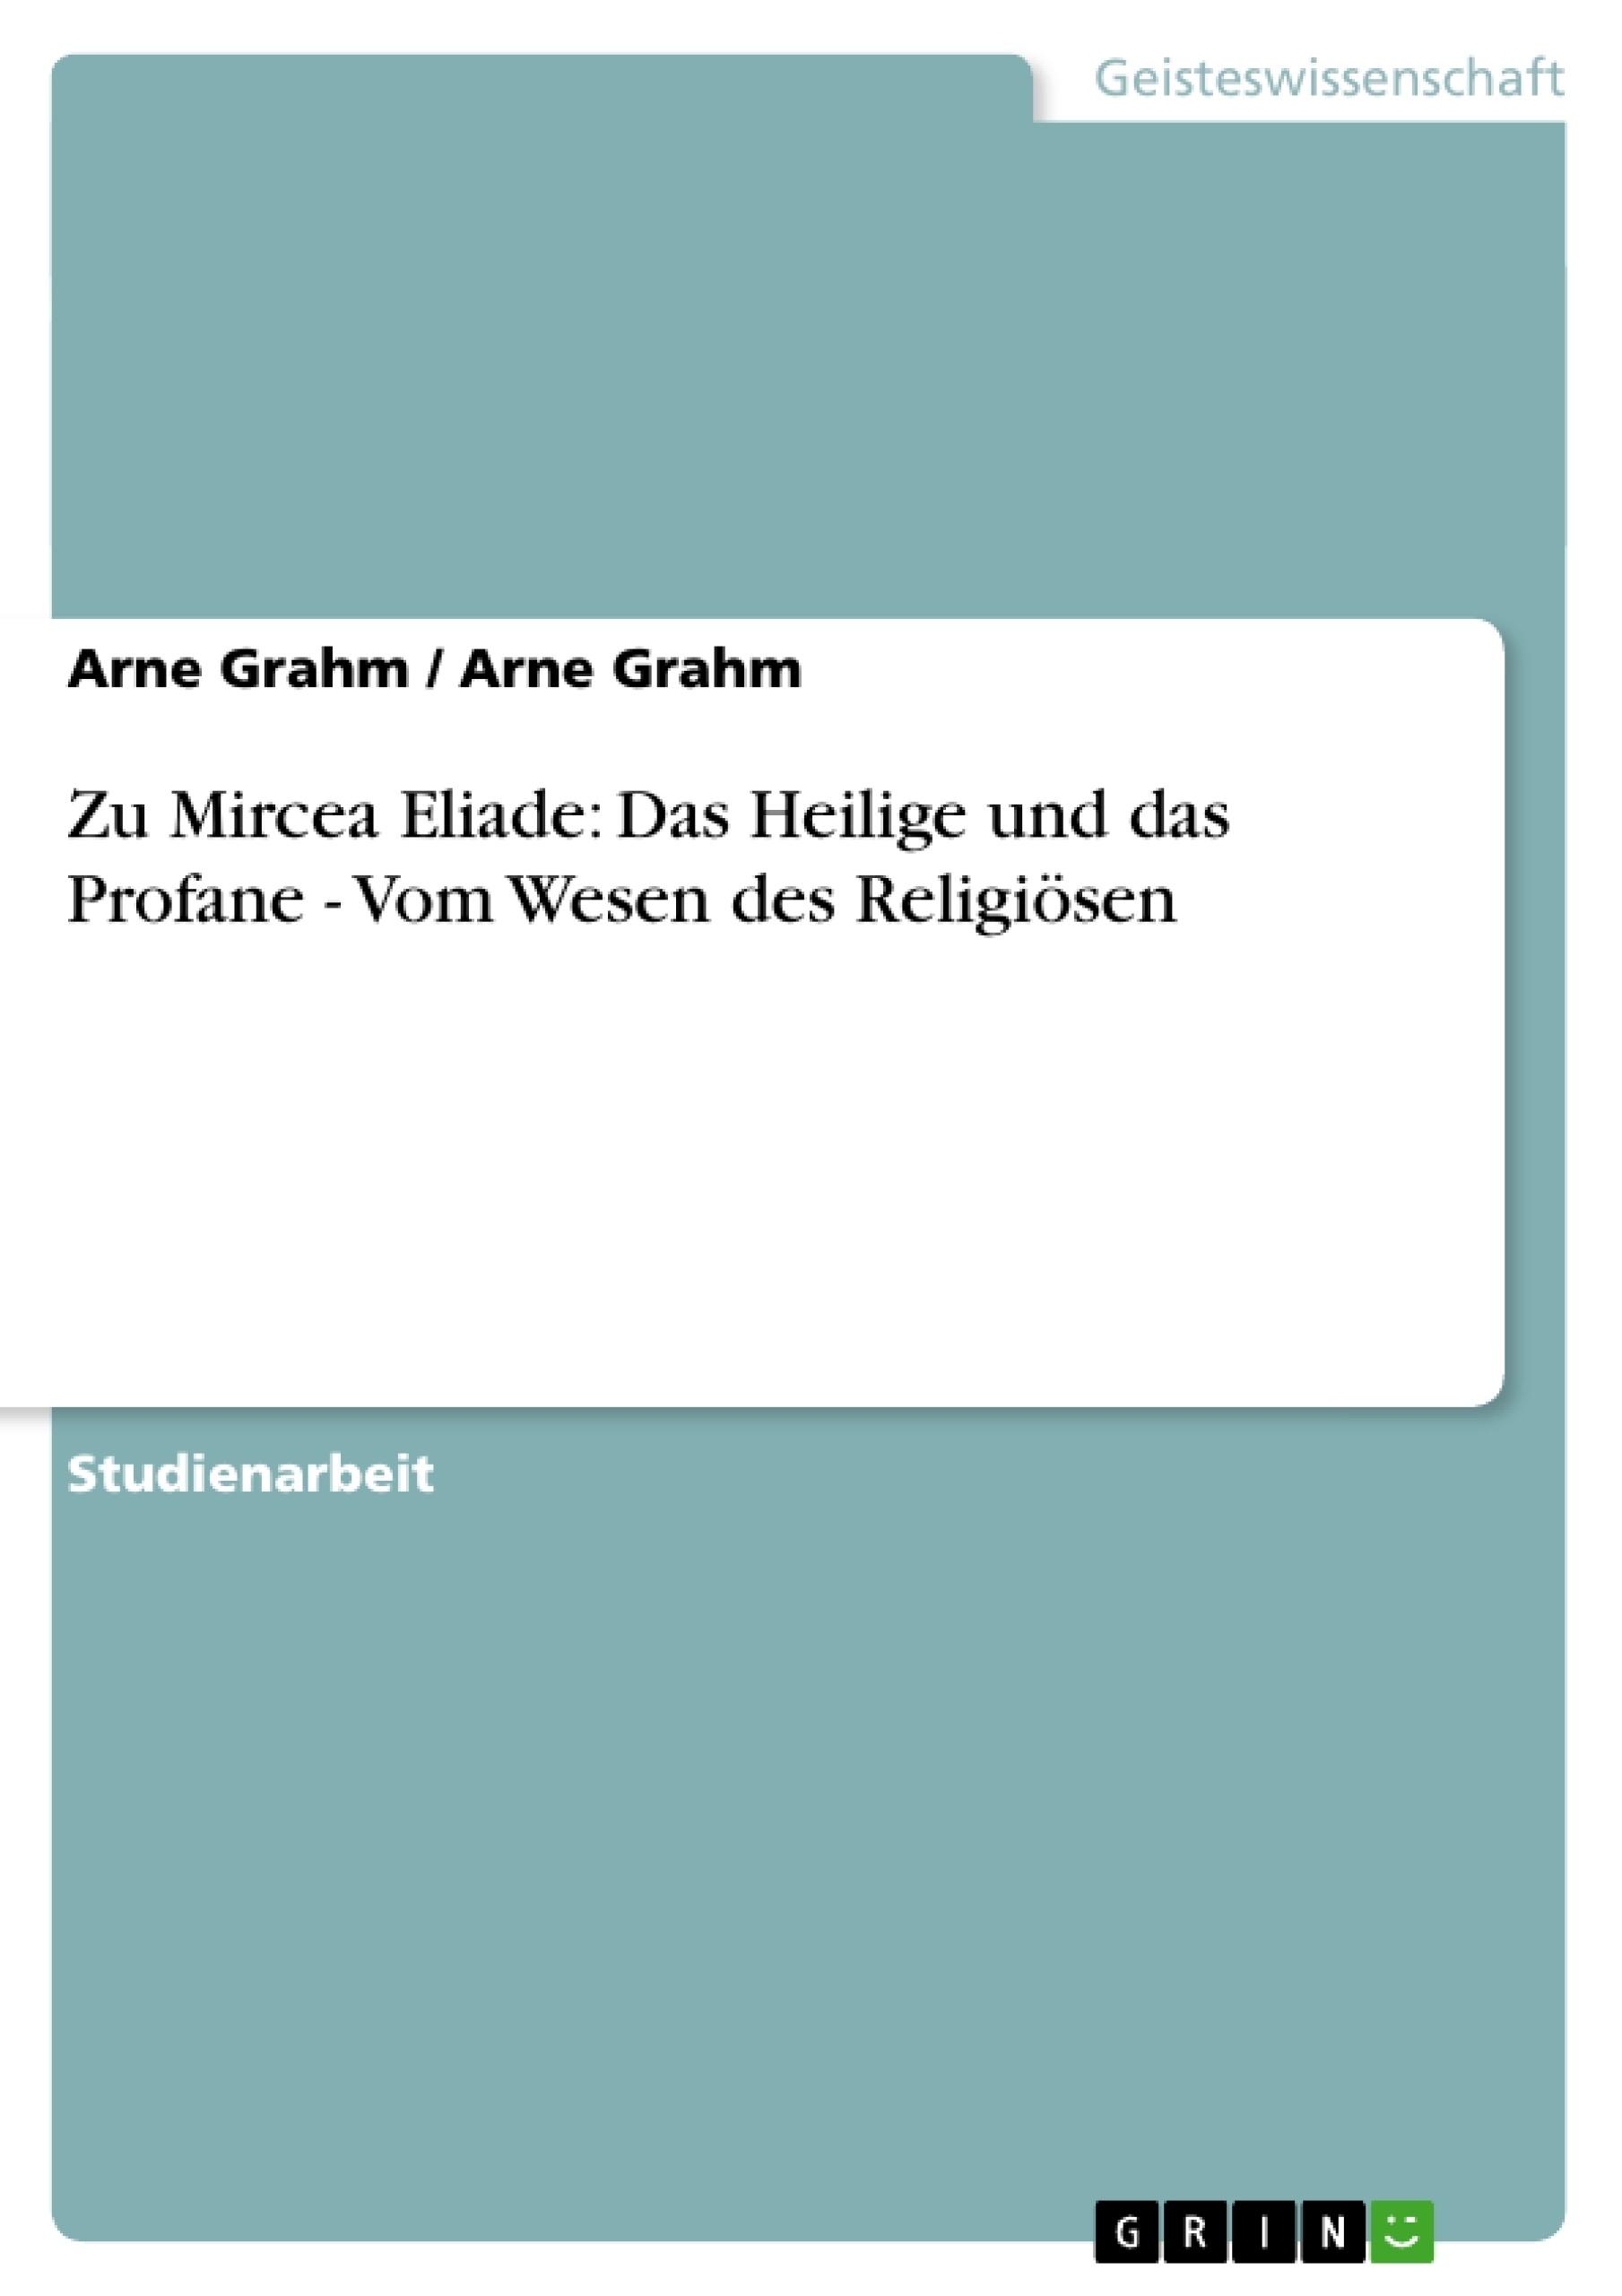 Titel: Zu Mircea Eliade: Das Heilige und das Profane - Vom Wesen des Religiösen